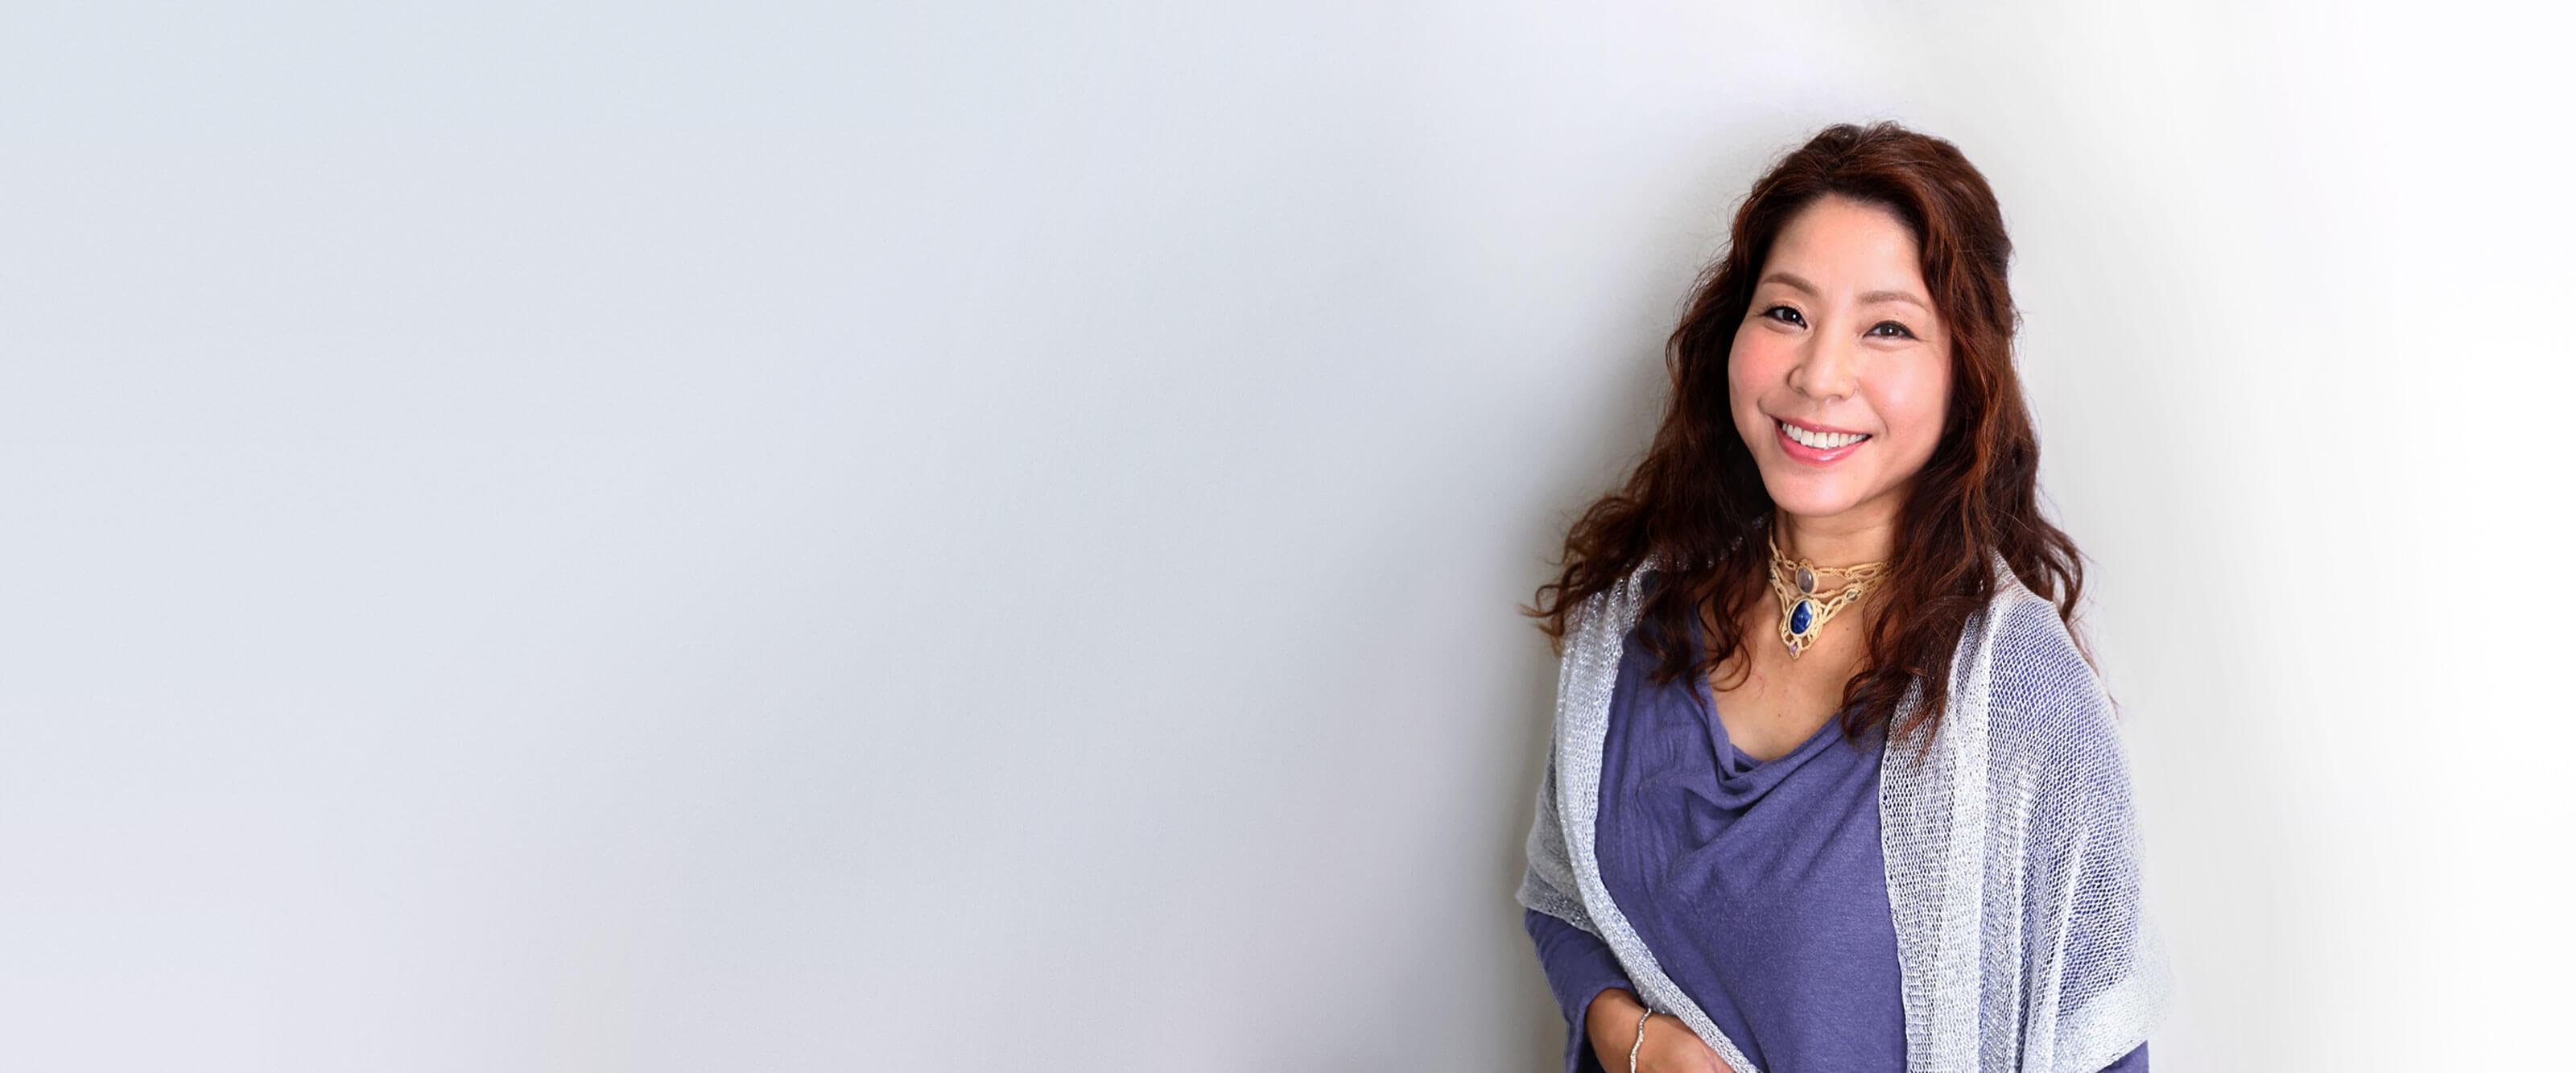 DigiPen Alumni Satomi Asakawa